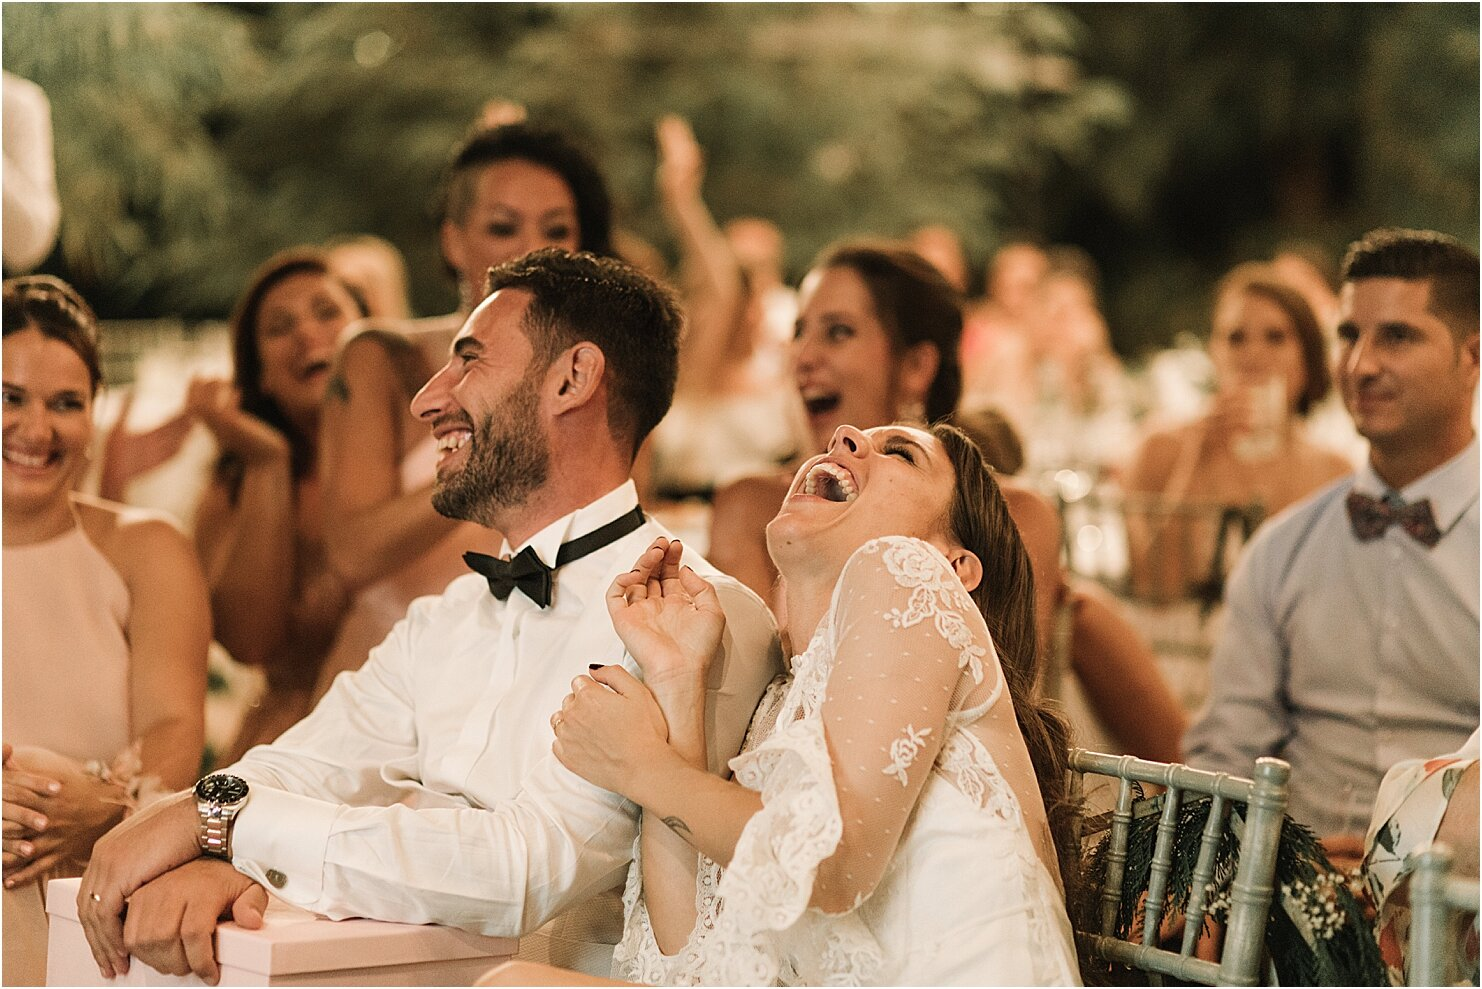 boda-romantica-boda-boho-vestido-de-novia-laura-lomas95.jpg